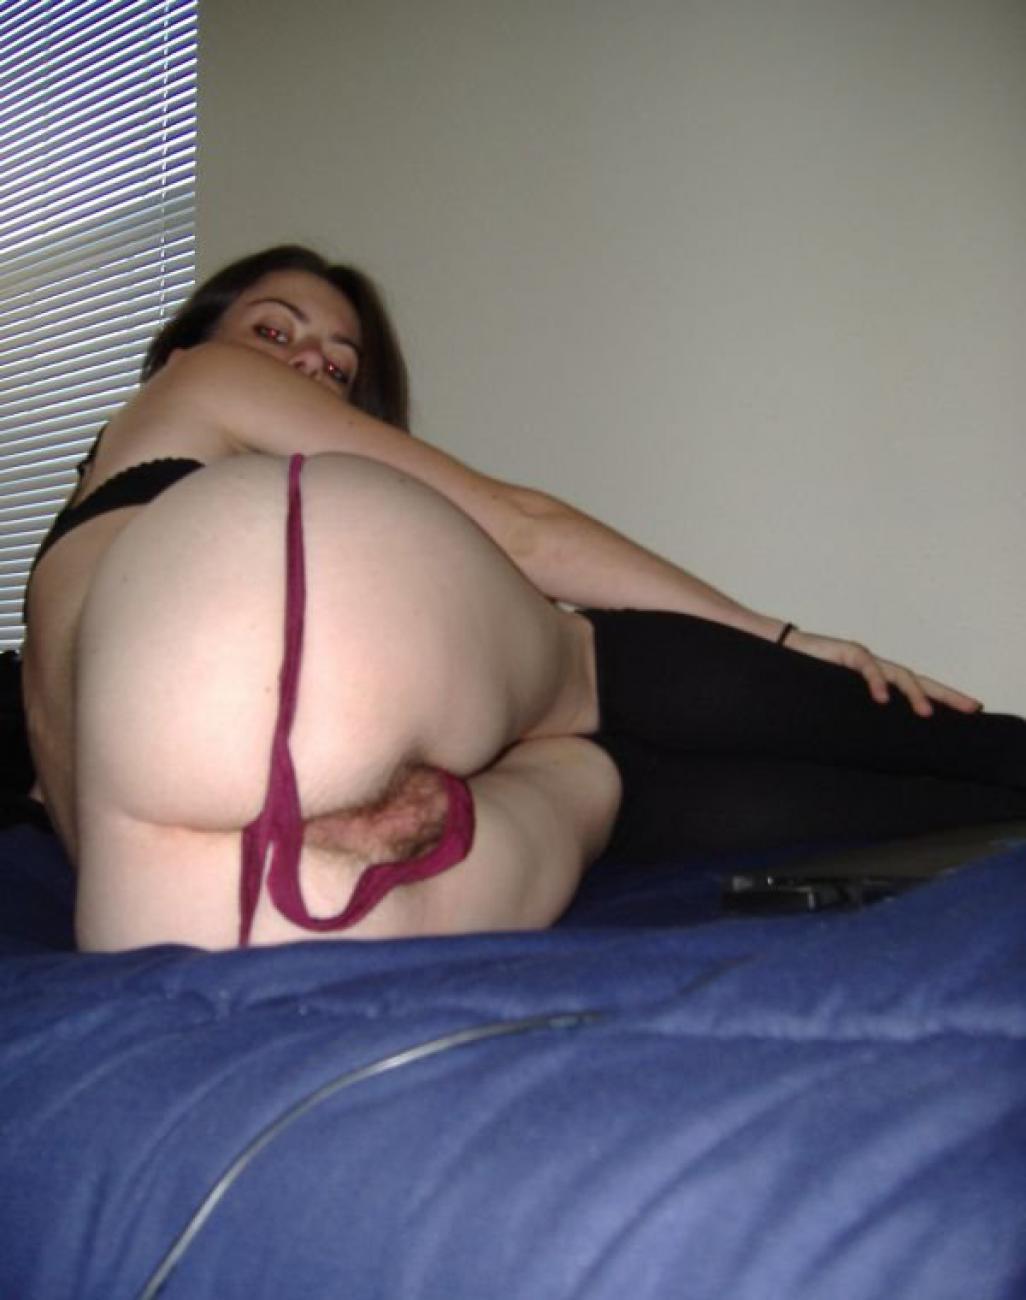 Случайное интимное фото девушек 8 фотография